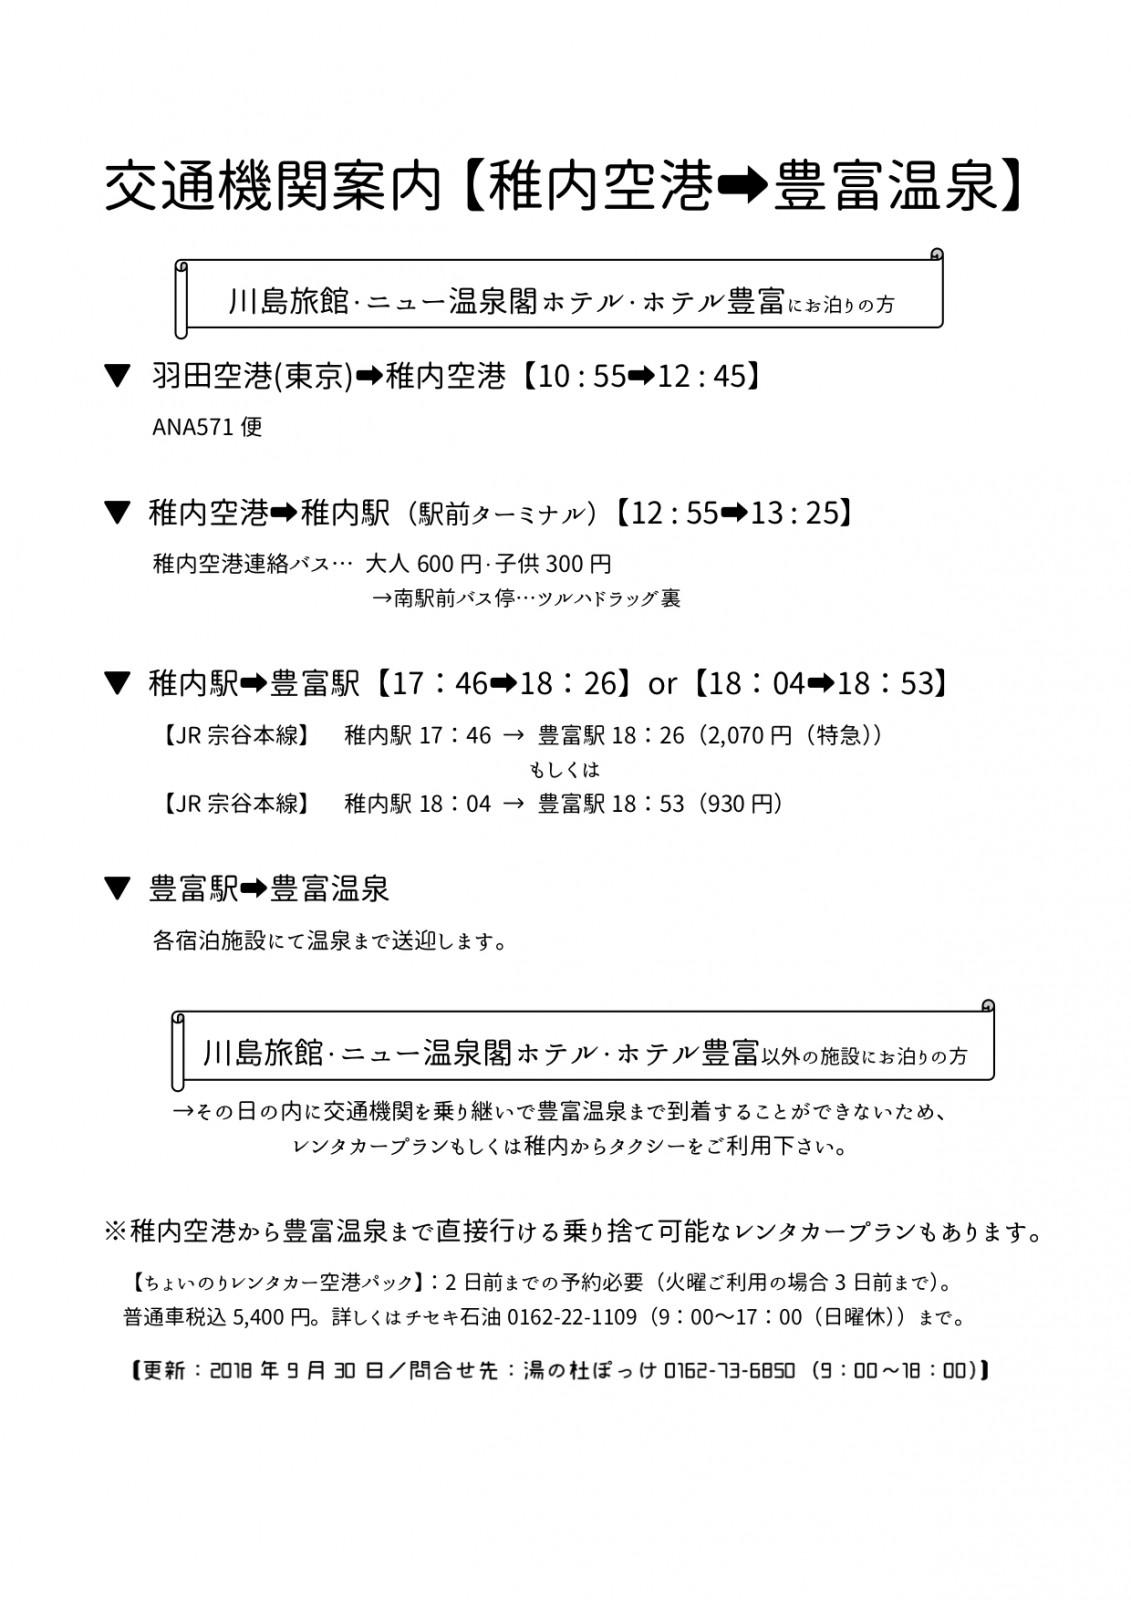 温泉〜稚内空港間のアクセスについて更新しました。